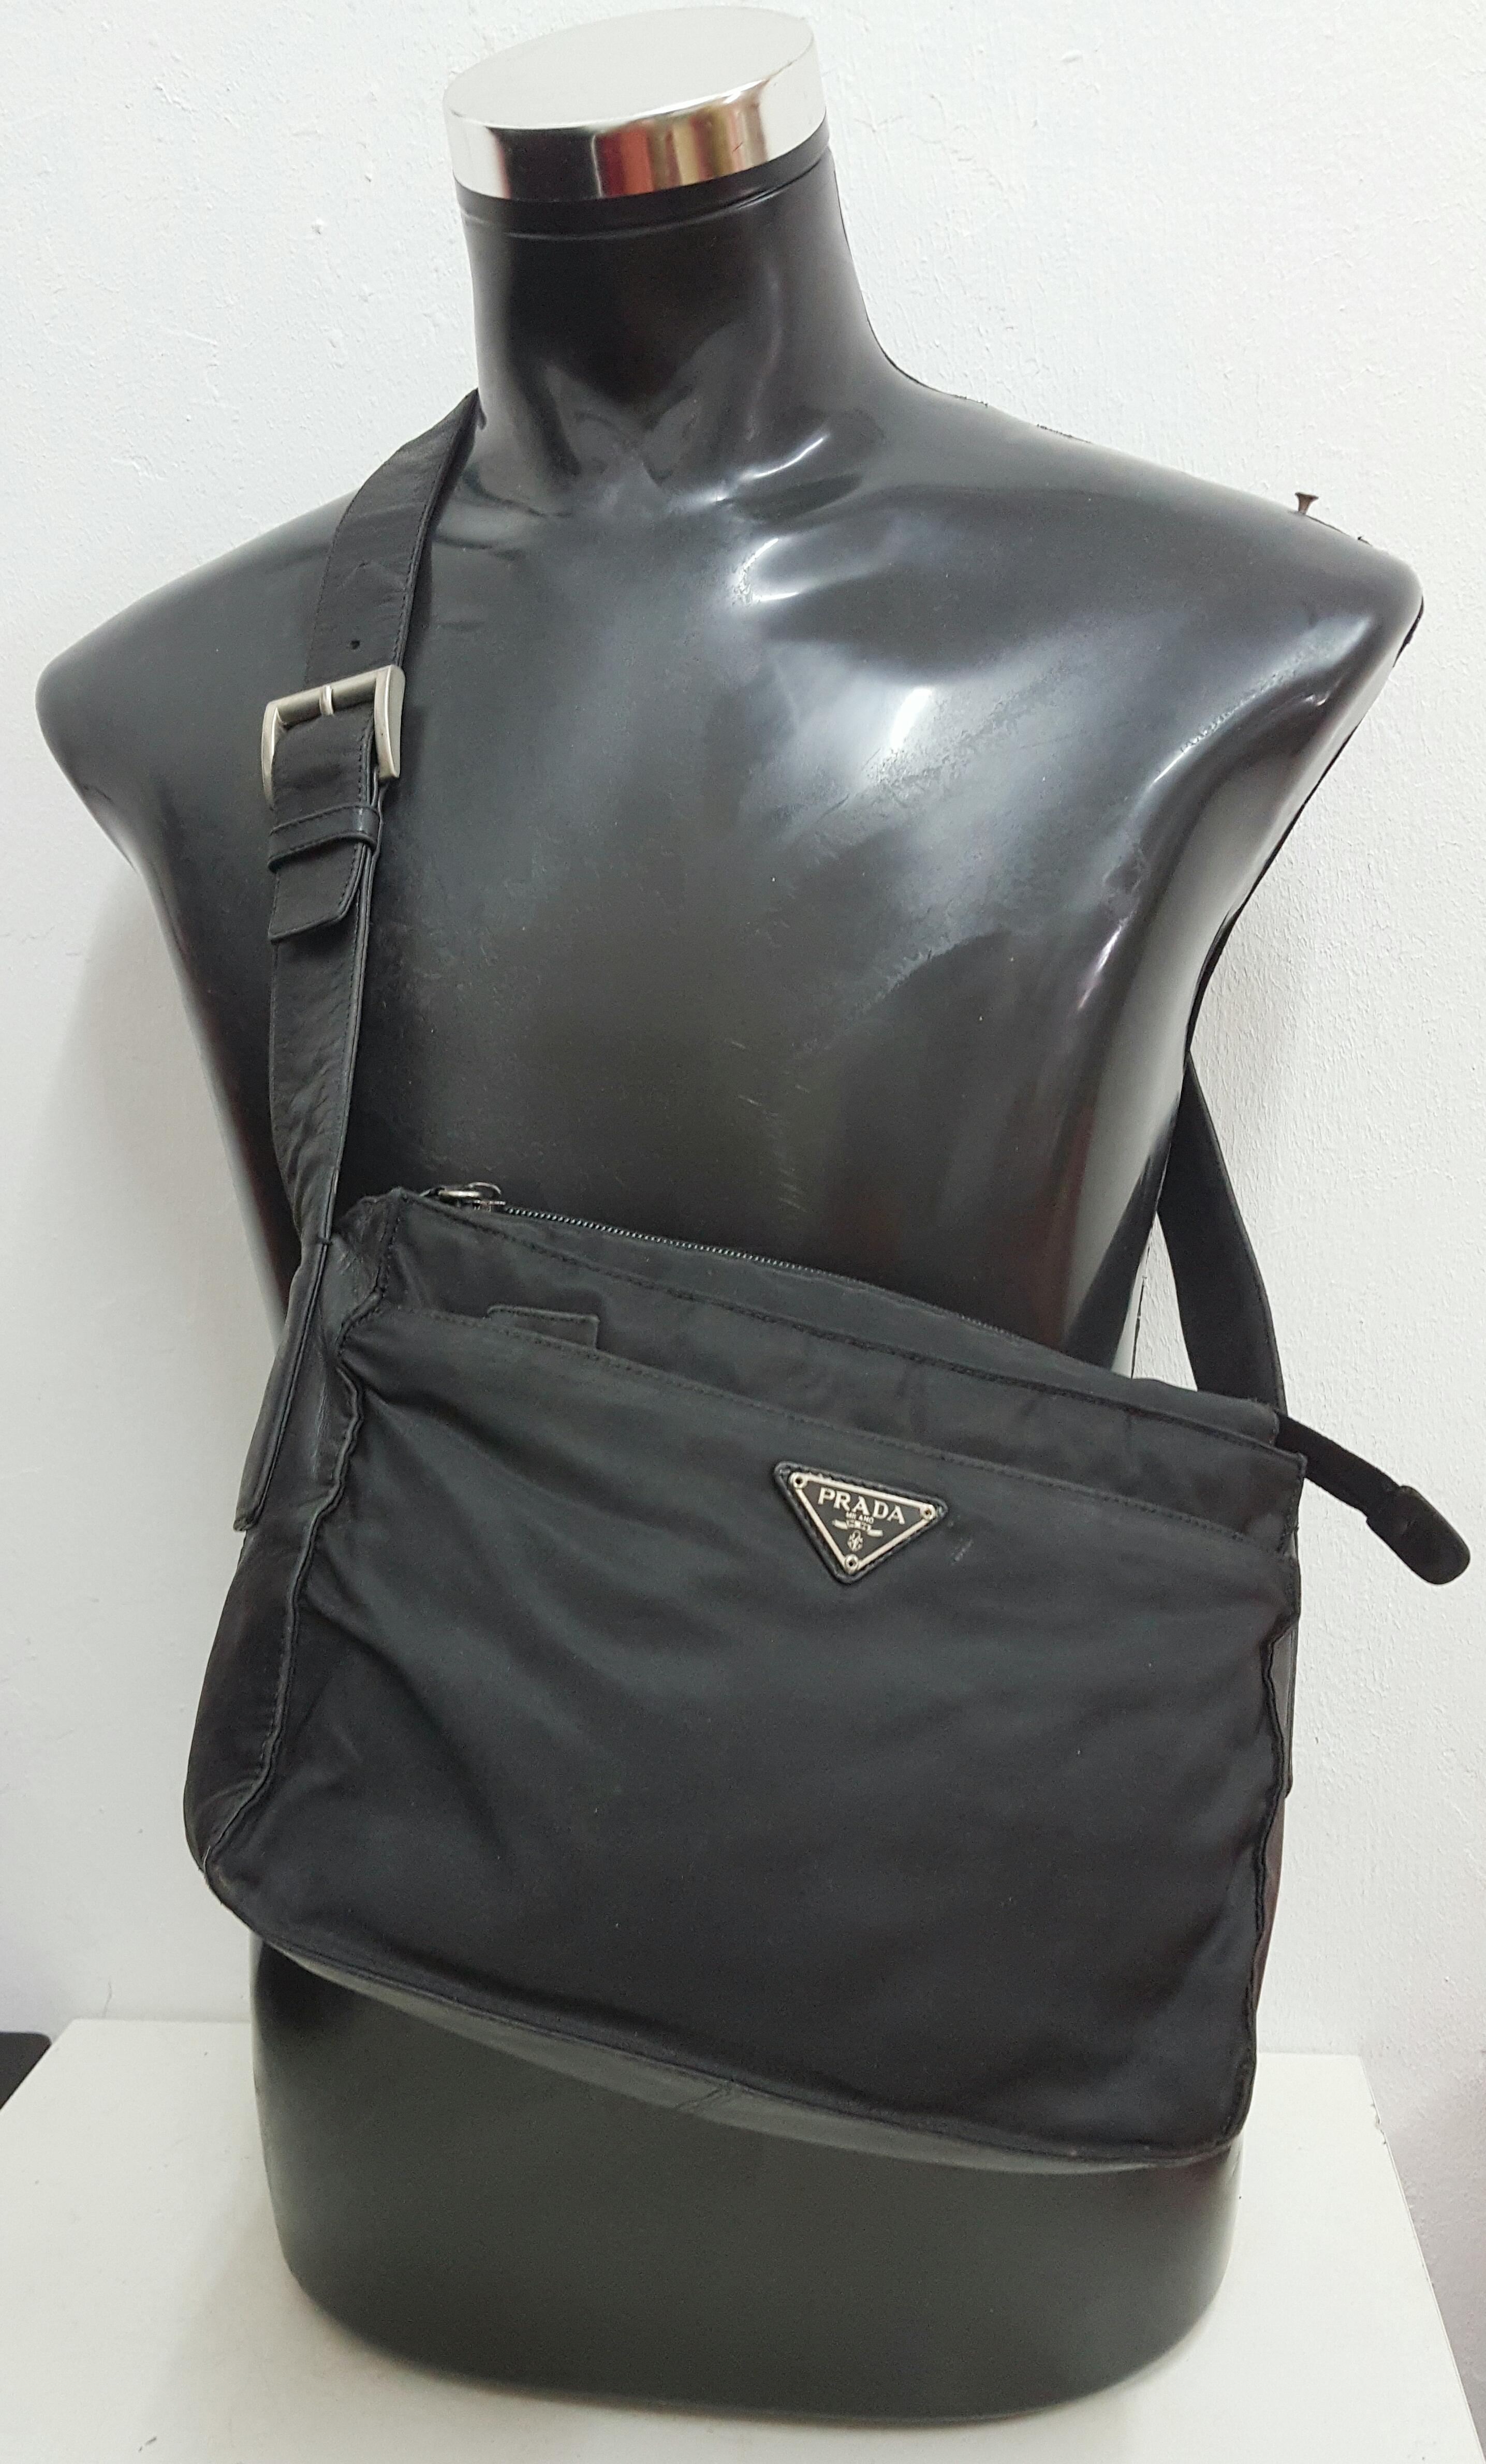 e1e1f16fca66 Vintage × Prada ×. 🔥🔥HOT SALE!!! Authentic Prada Nylon Shoulder Bag